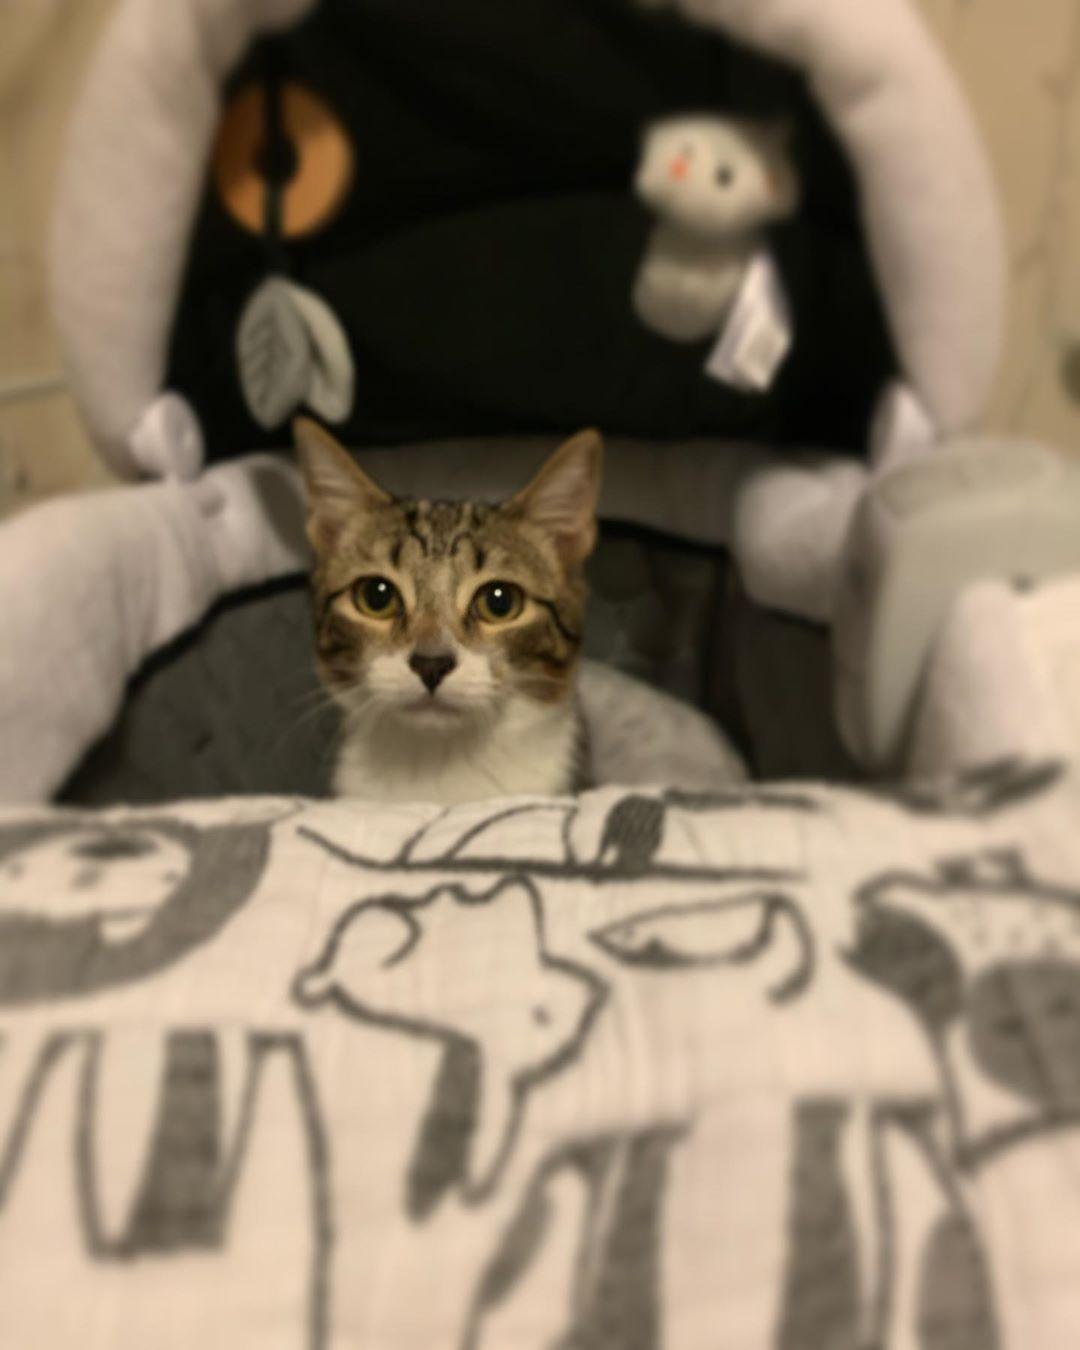 Cats Cat Catsofinstagram Of Instagram Catstagram Catlover Pets Instacat Catlovers Meow Kittens Kitten Cat Day Funny Cat Videos Cats